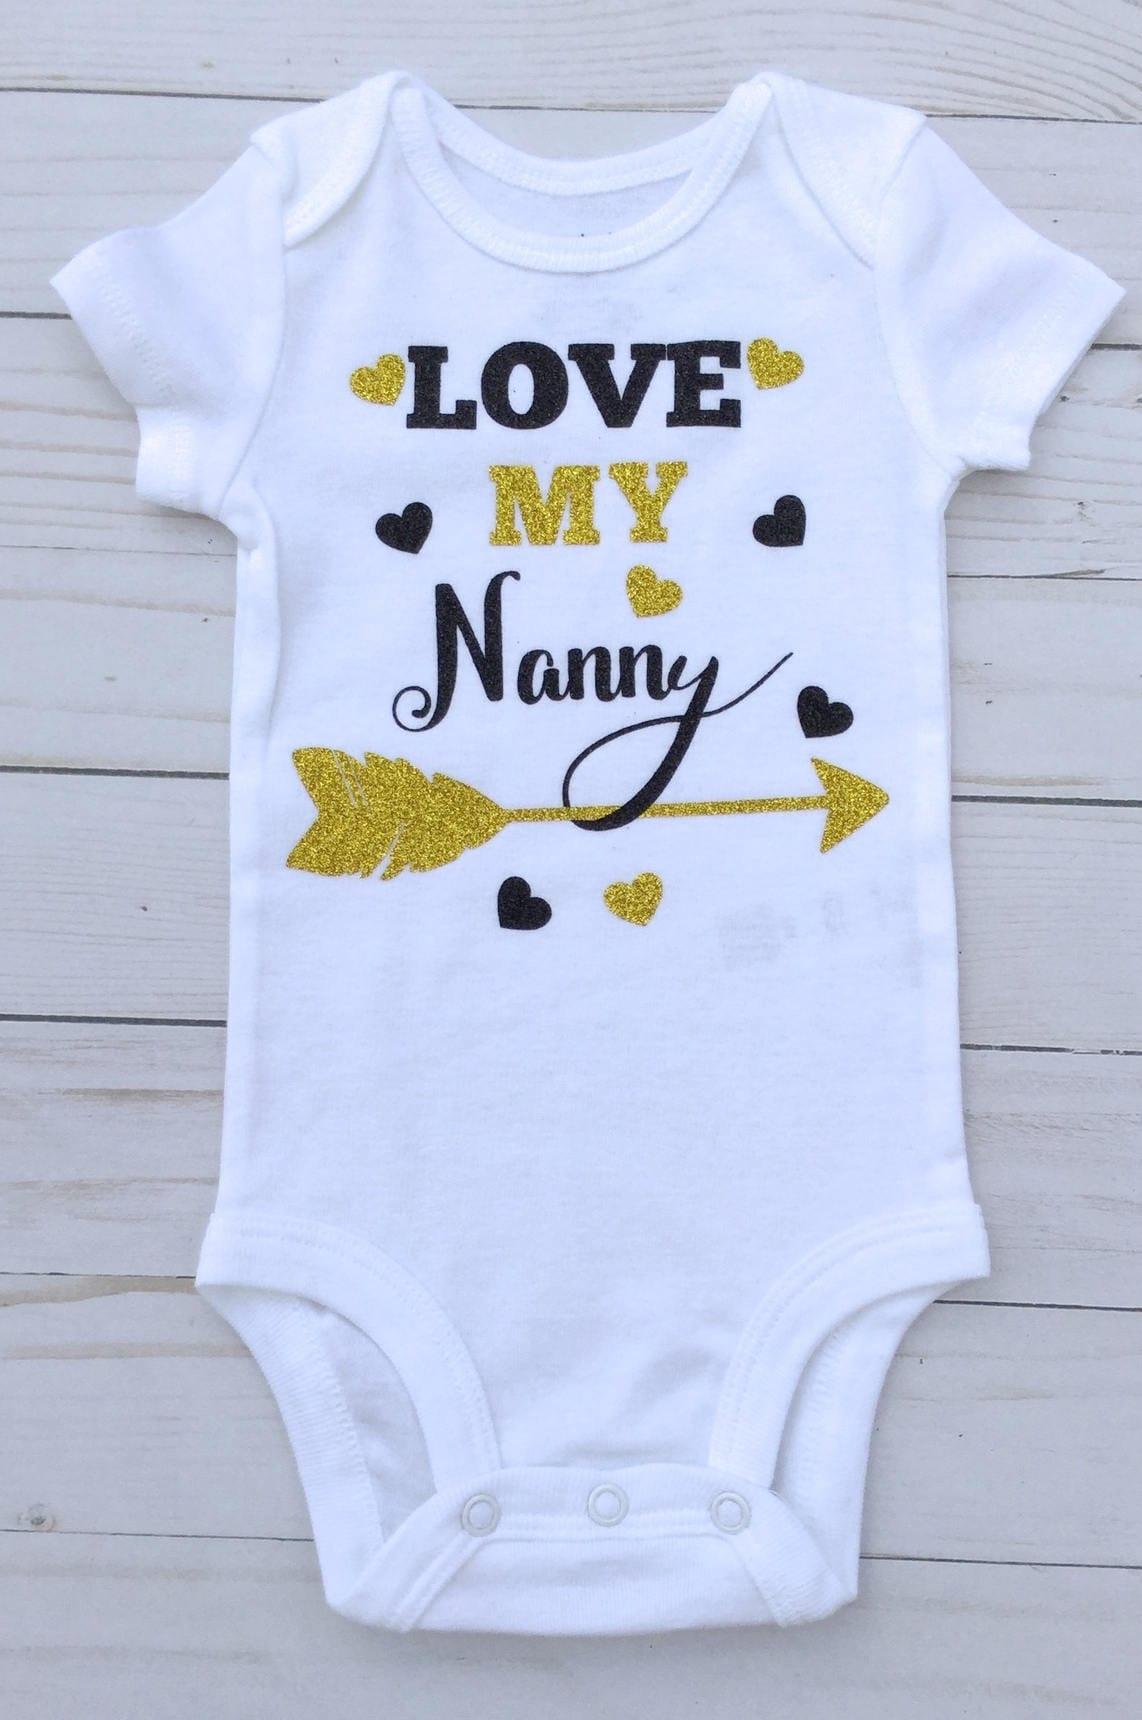 79808228e Nanny/Gold and Black/Grandmother Gift/Love Nanny Bodysuit/ Baby Shower  Gift/ Yaya Bodysuit/ Mimi Bodysuit/ GiGi Baby Clothes/ Gigi